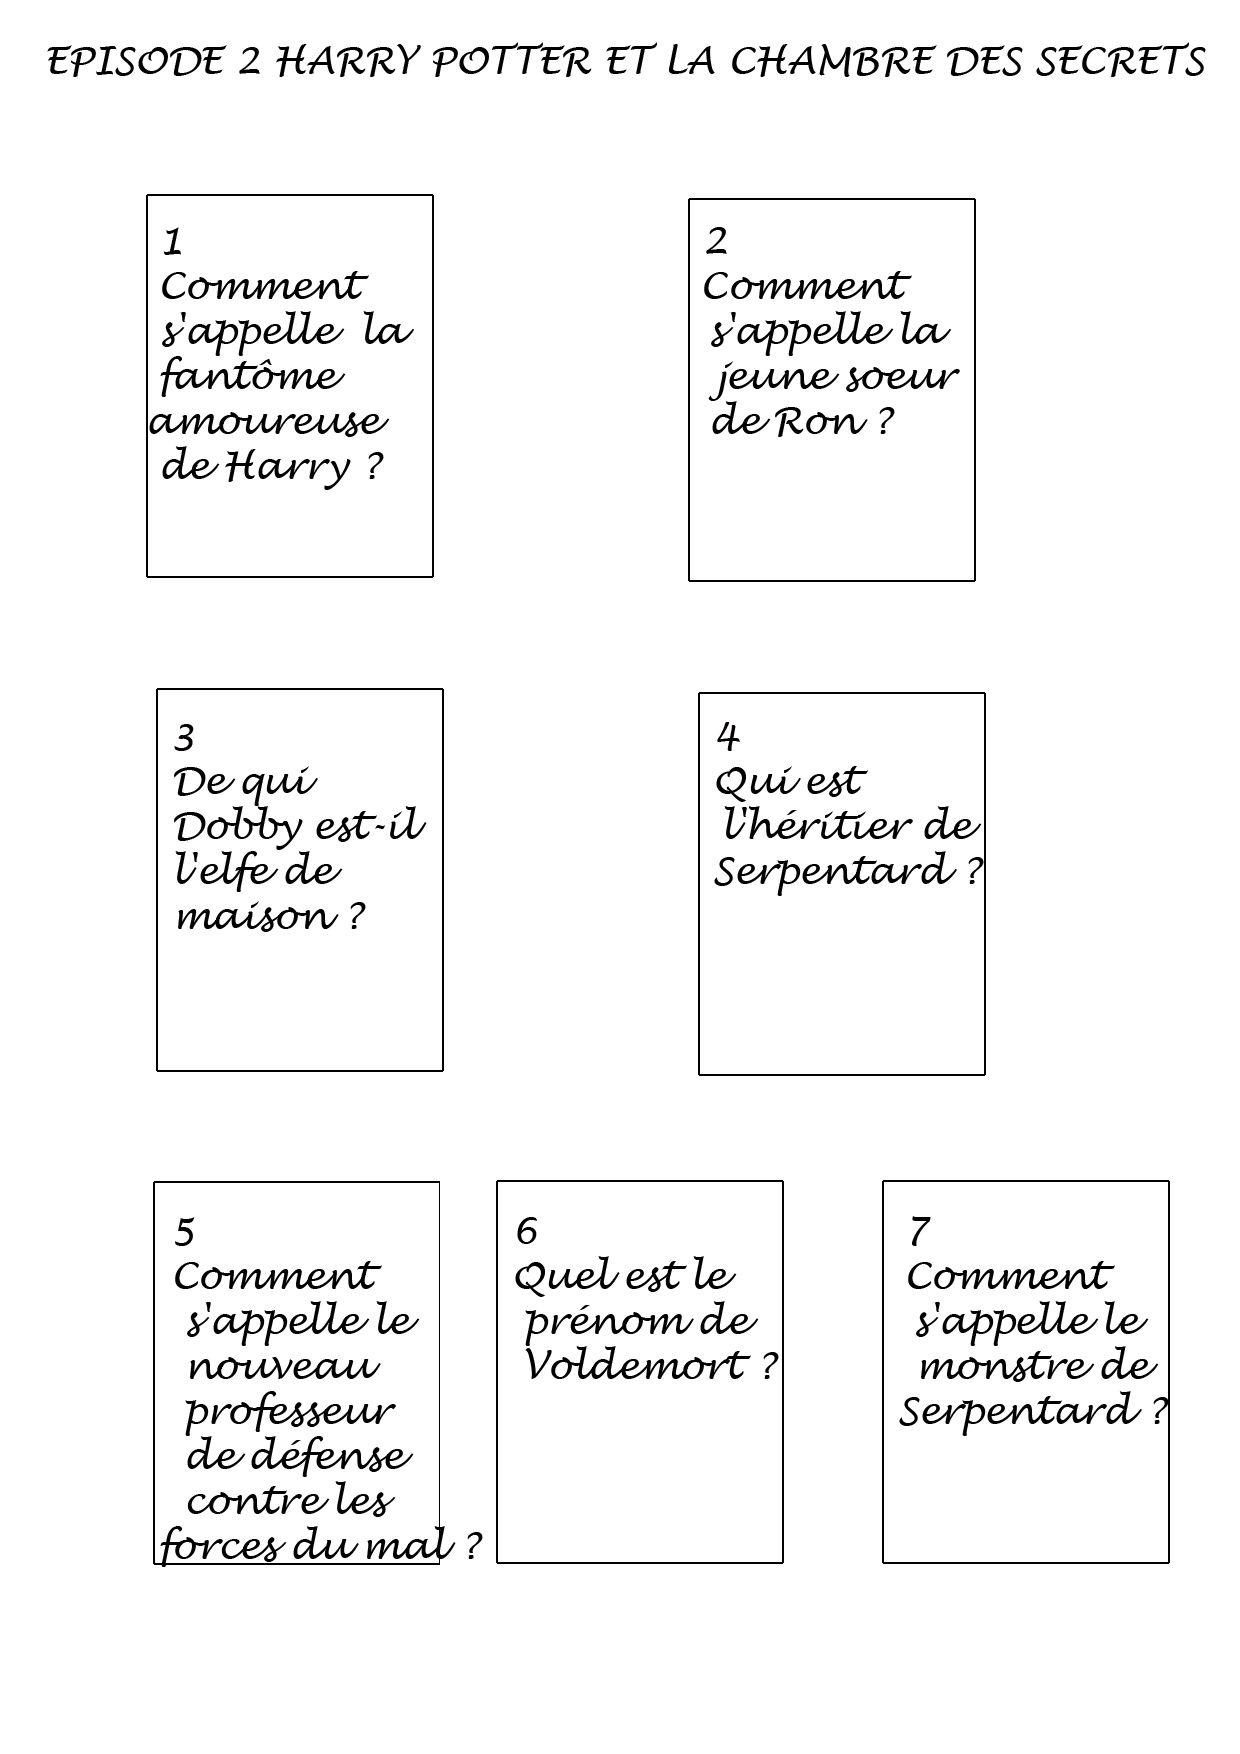 vignettes-harry-potter10questions  Harry potter, Quizz, Le